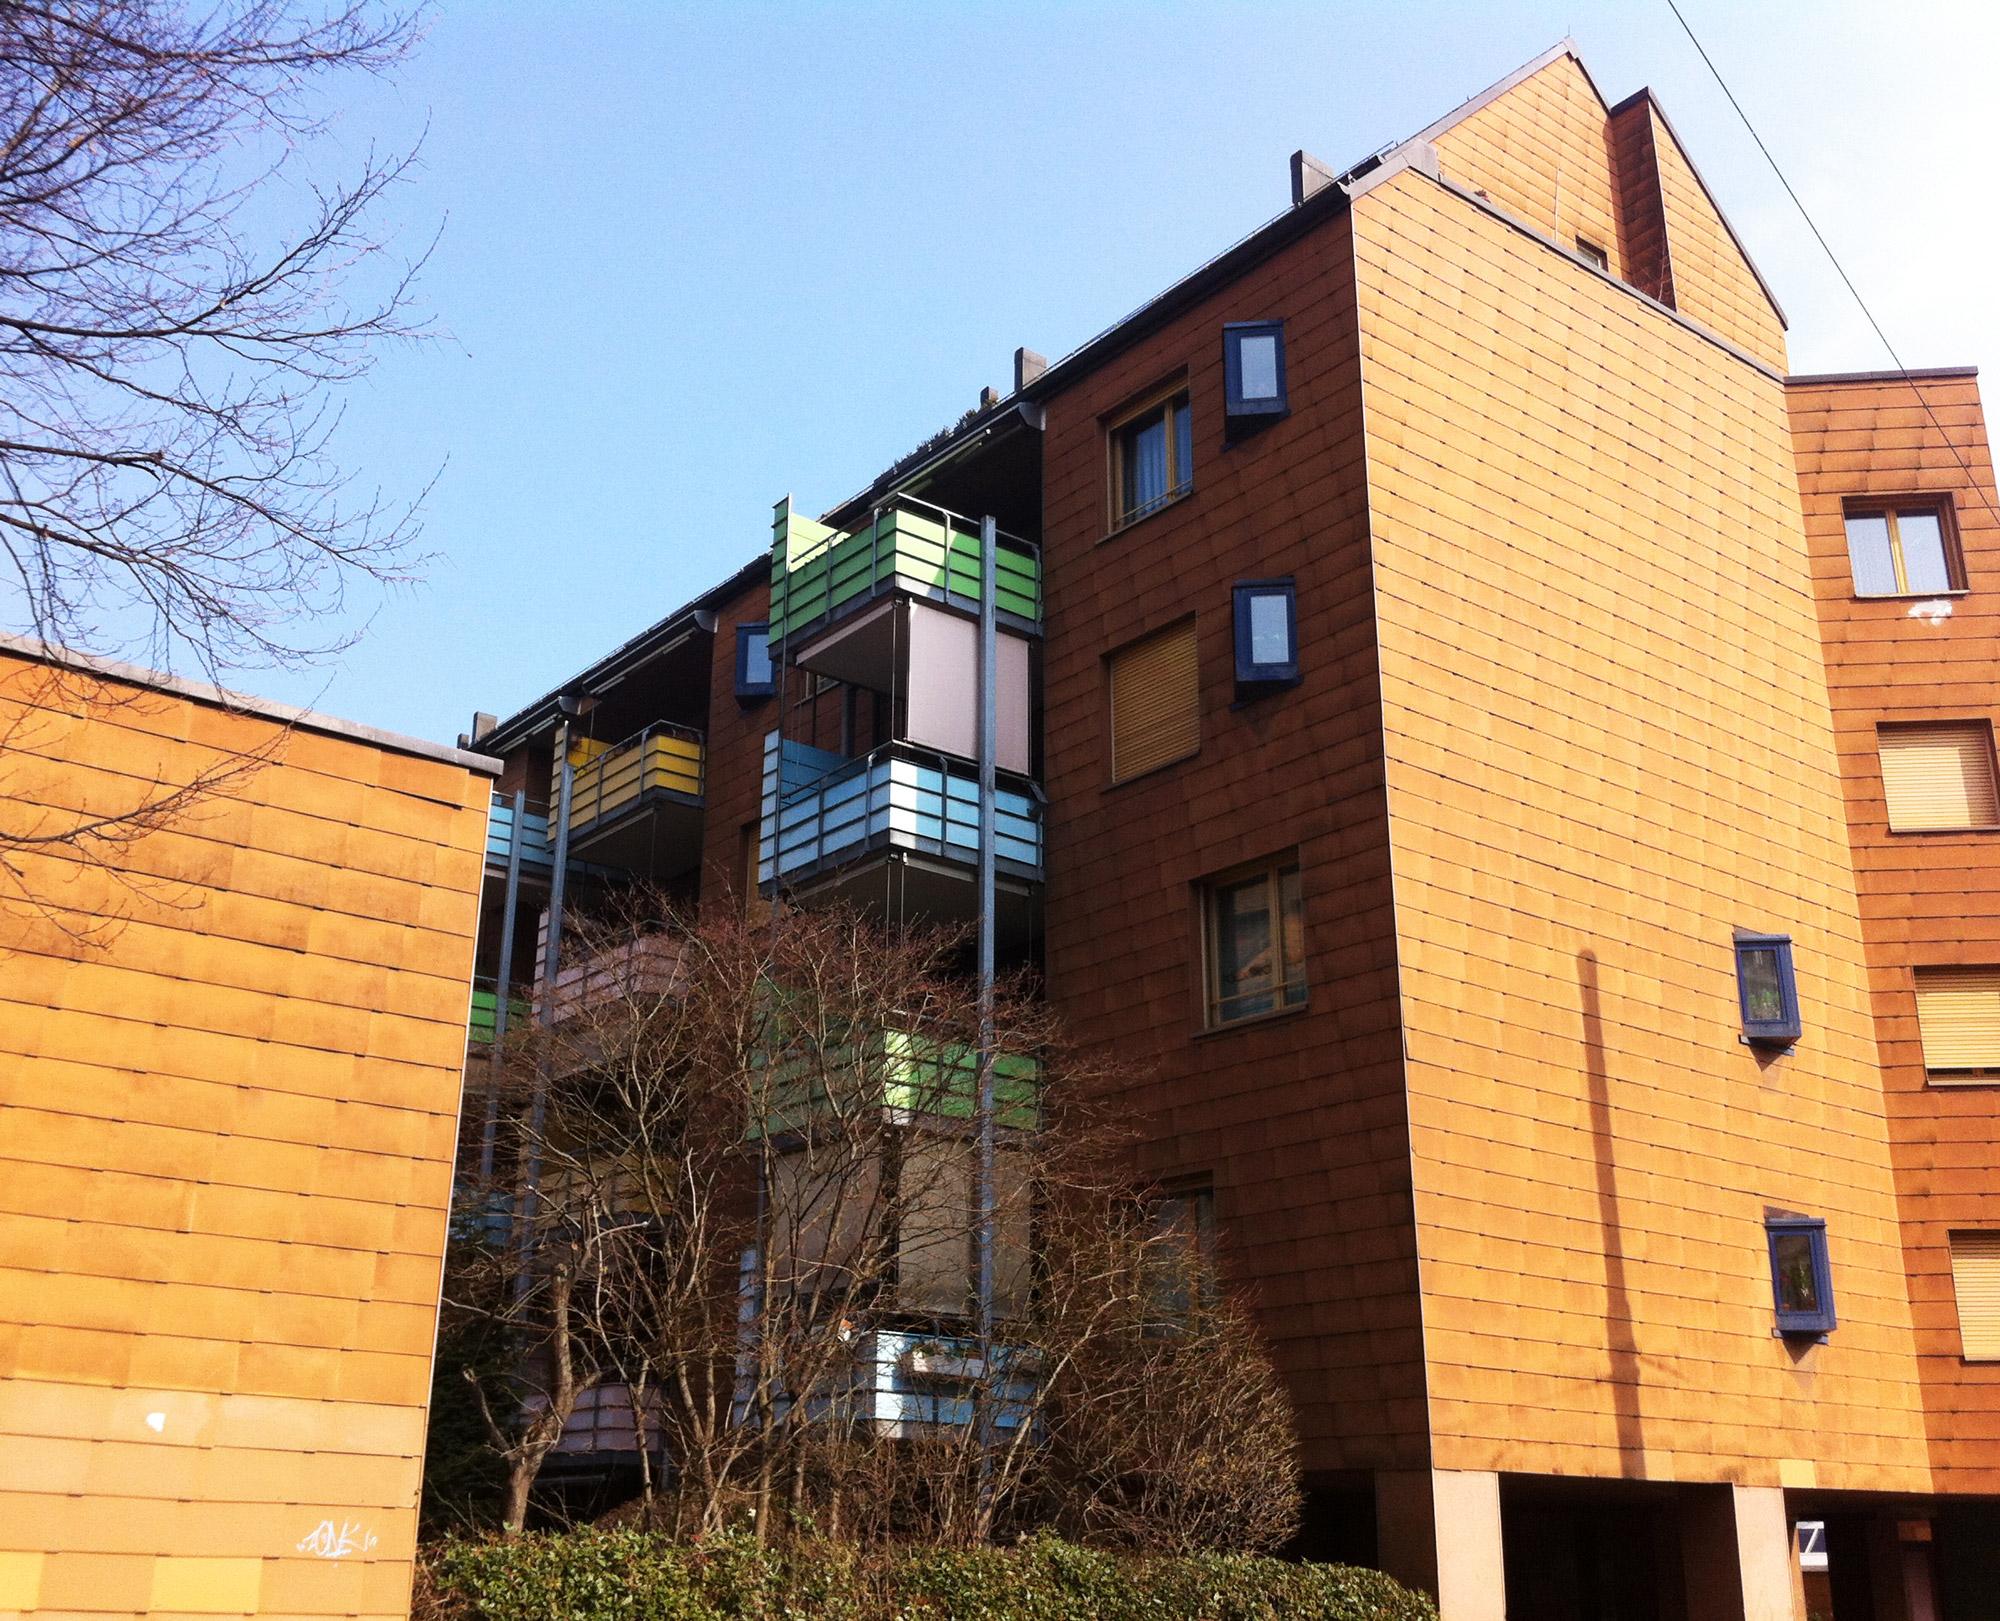 urbanbacklog-zurich-limmat2-6.jpg